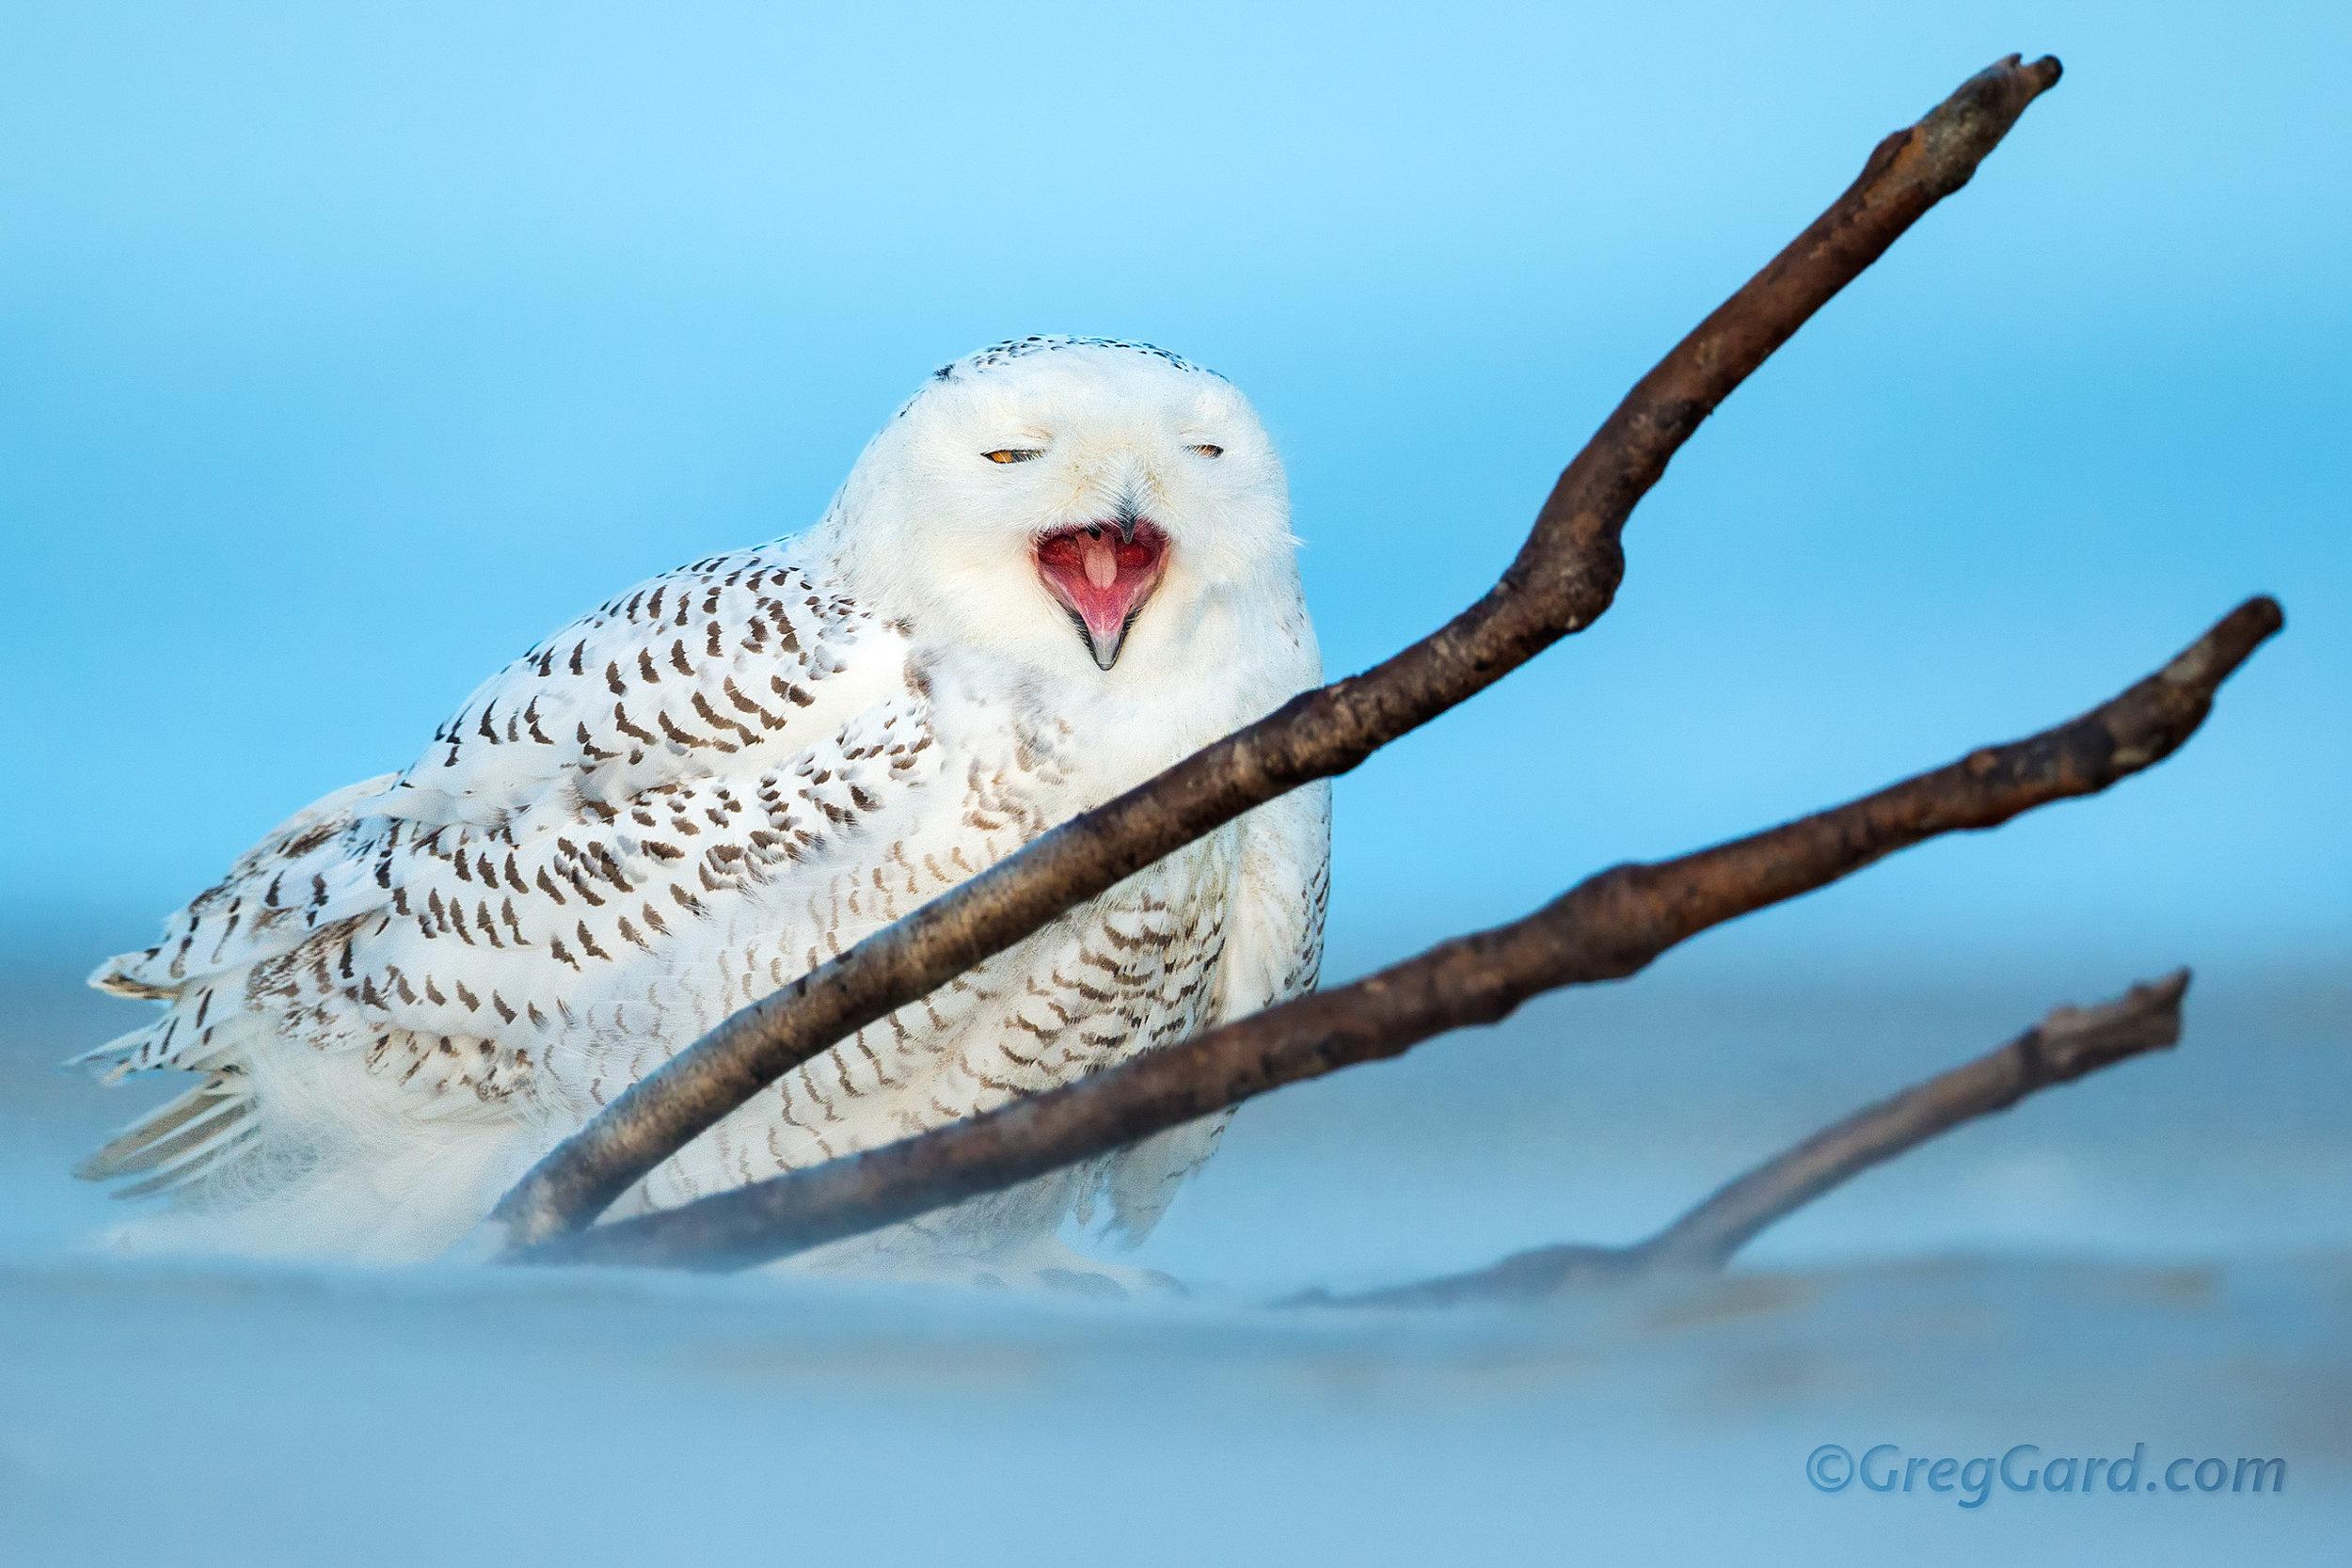 Snwoy Owl